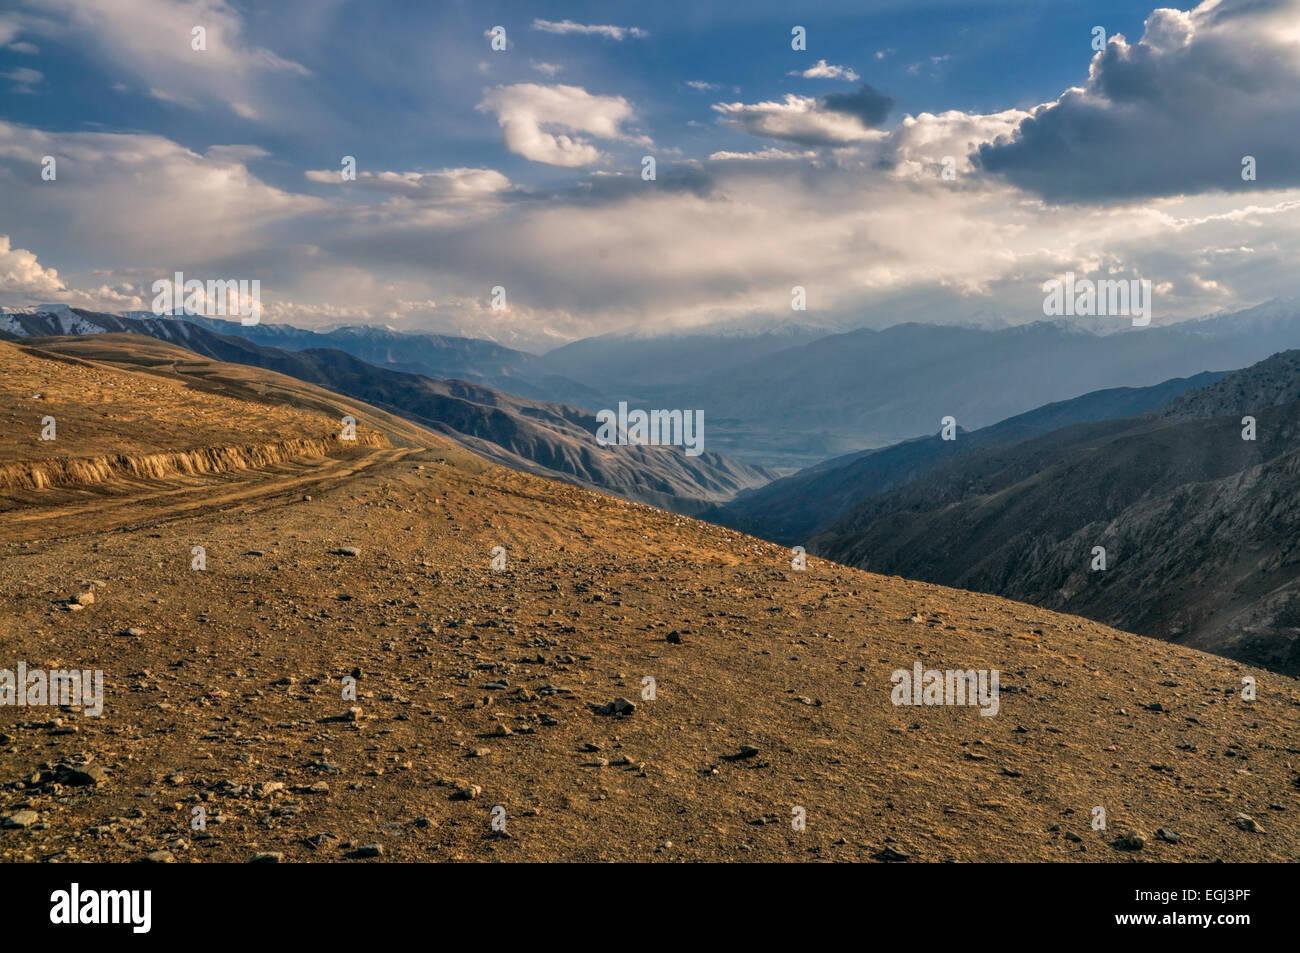 Vue imprenable sur les montagnes afghanes dans la lumière du soleil Photo Stock